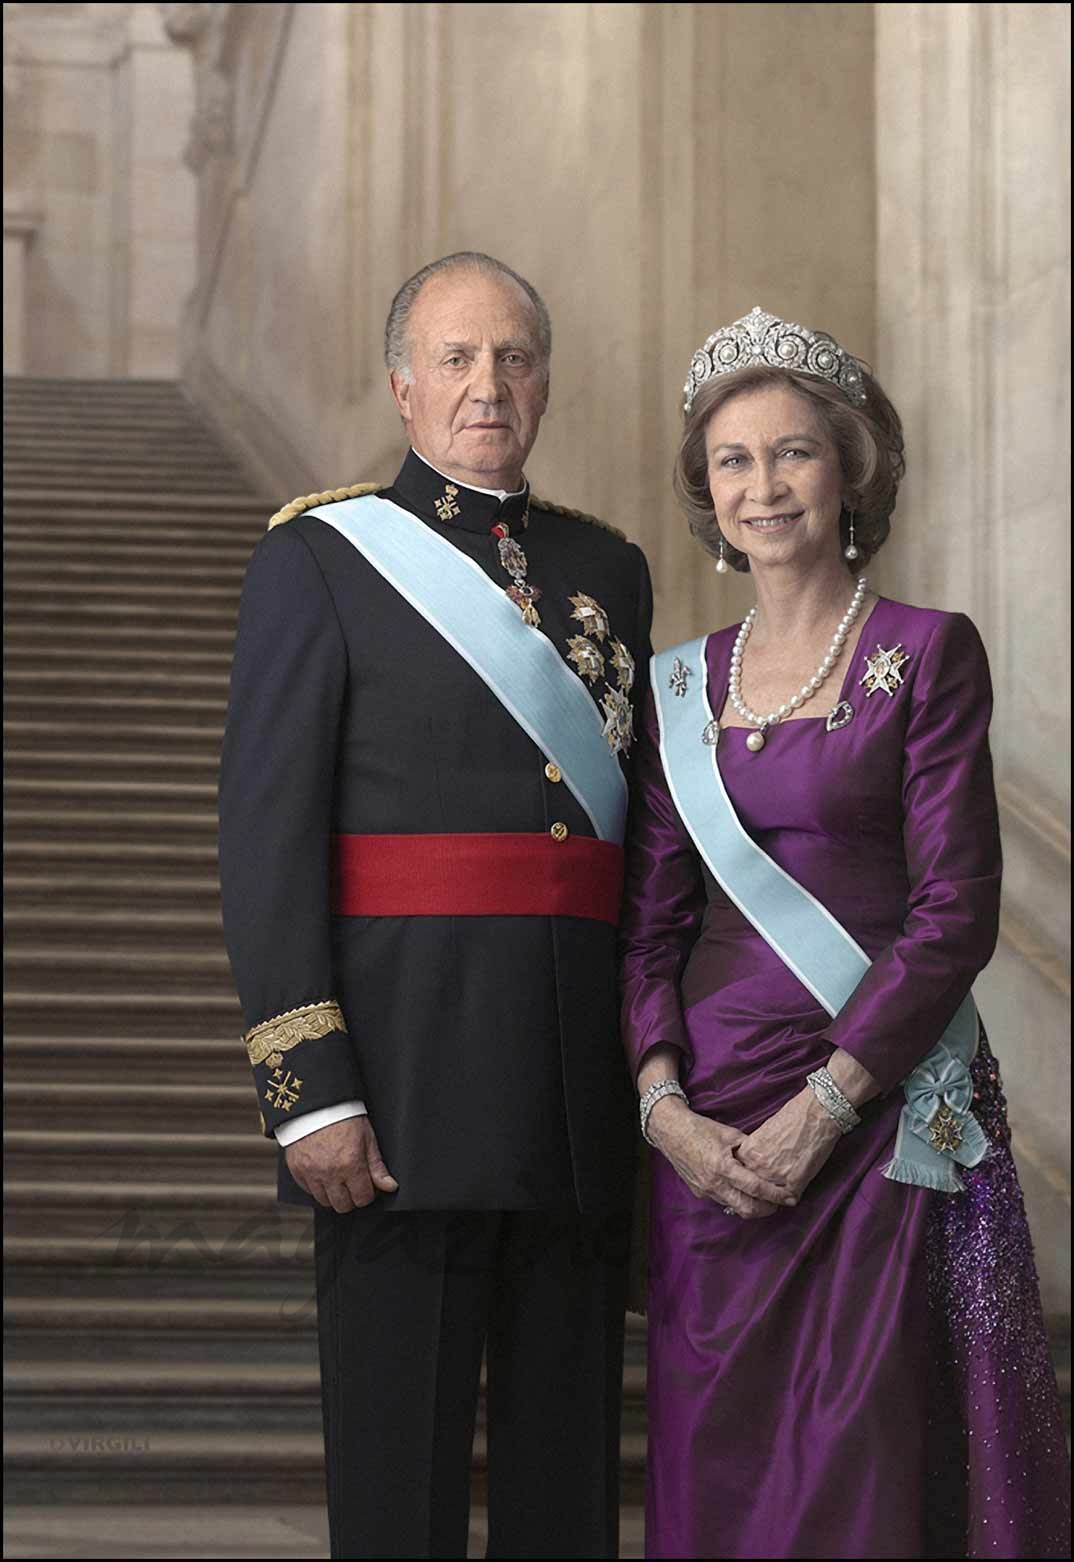 Posado oficial de los reyes don Juan Carlos y doña Sofía en el Palacio de la Zarzuela (11/03/2007)